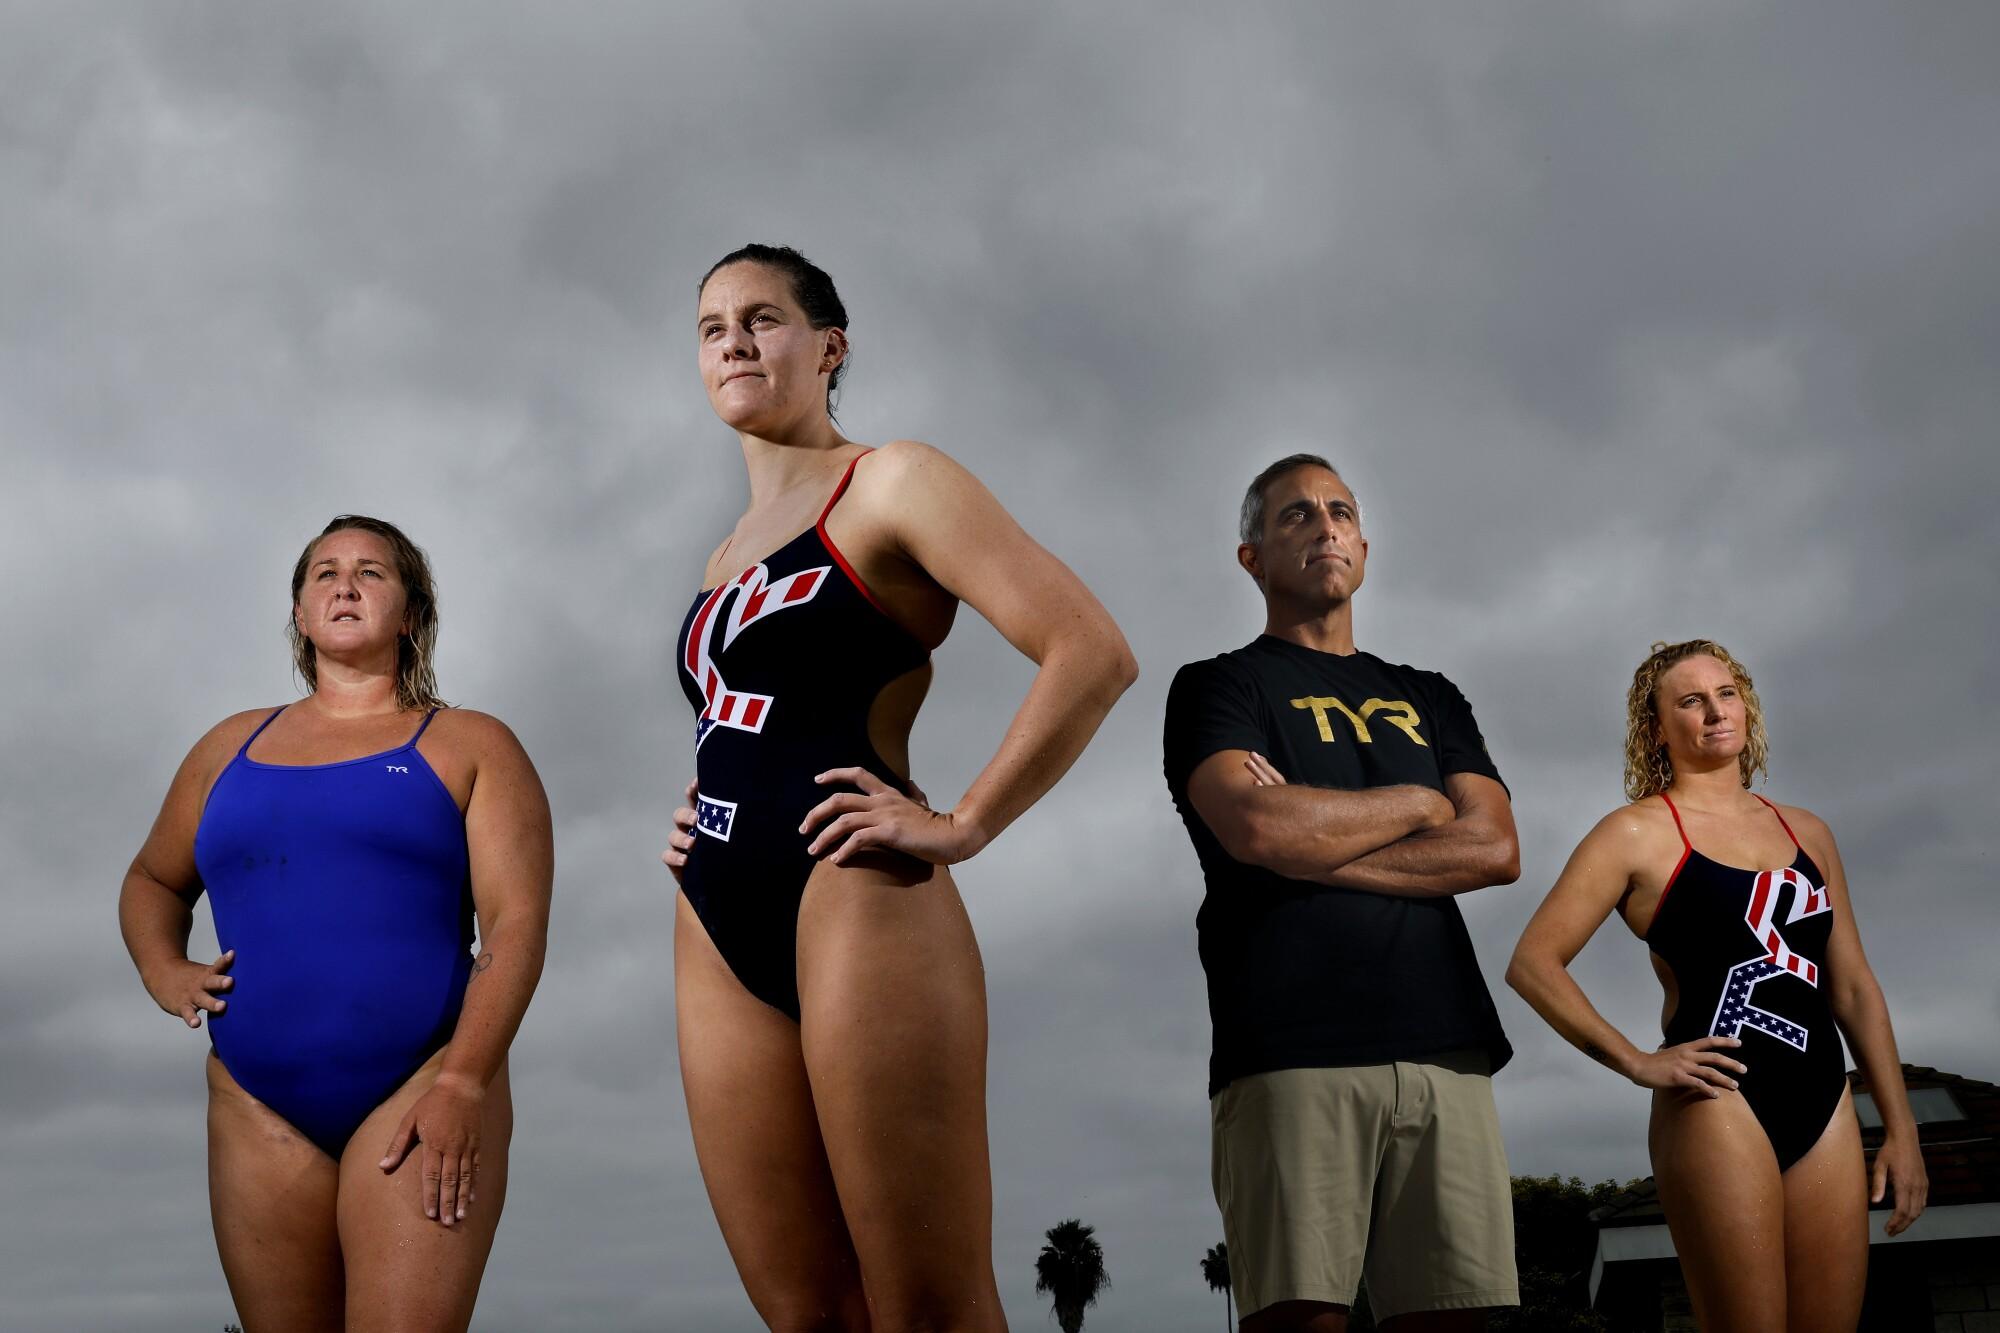 U.S. women's water polo team members Melissa Seidemann, Alys Williams, coach Adam Krikorian and Kaleigh Gilchrist.